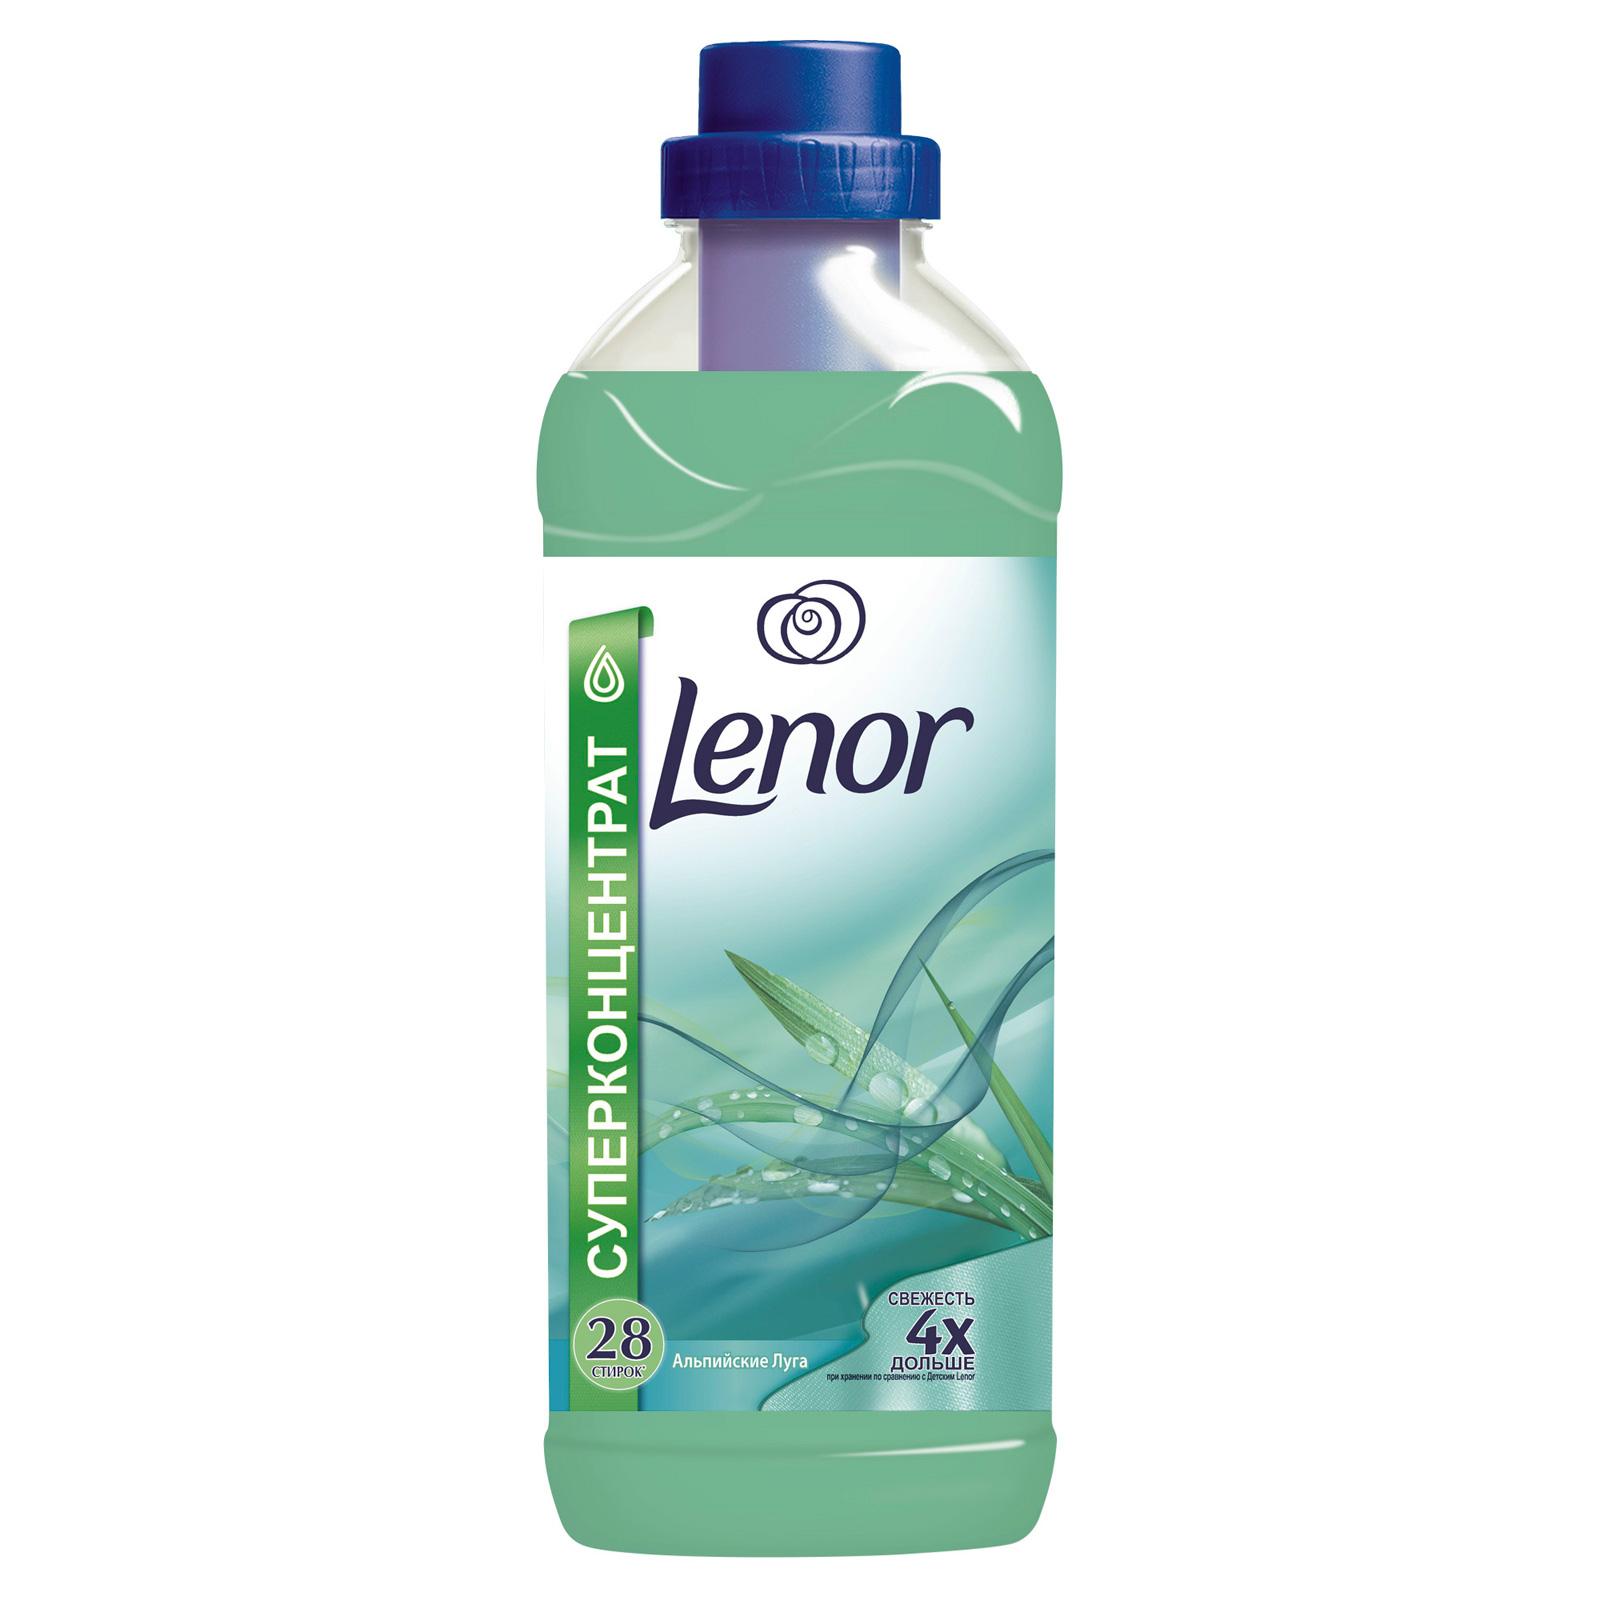 Кондиционер для белья Lenor 1 л Альпийские Луга 1л (28стирок)<br>